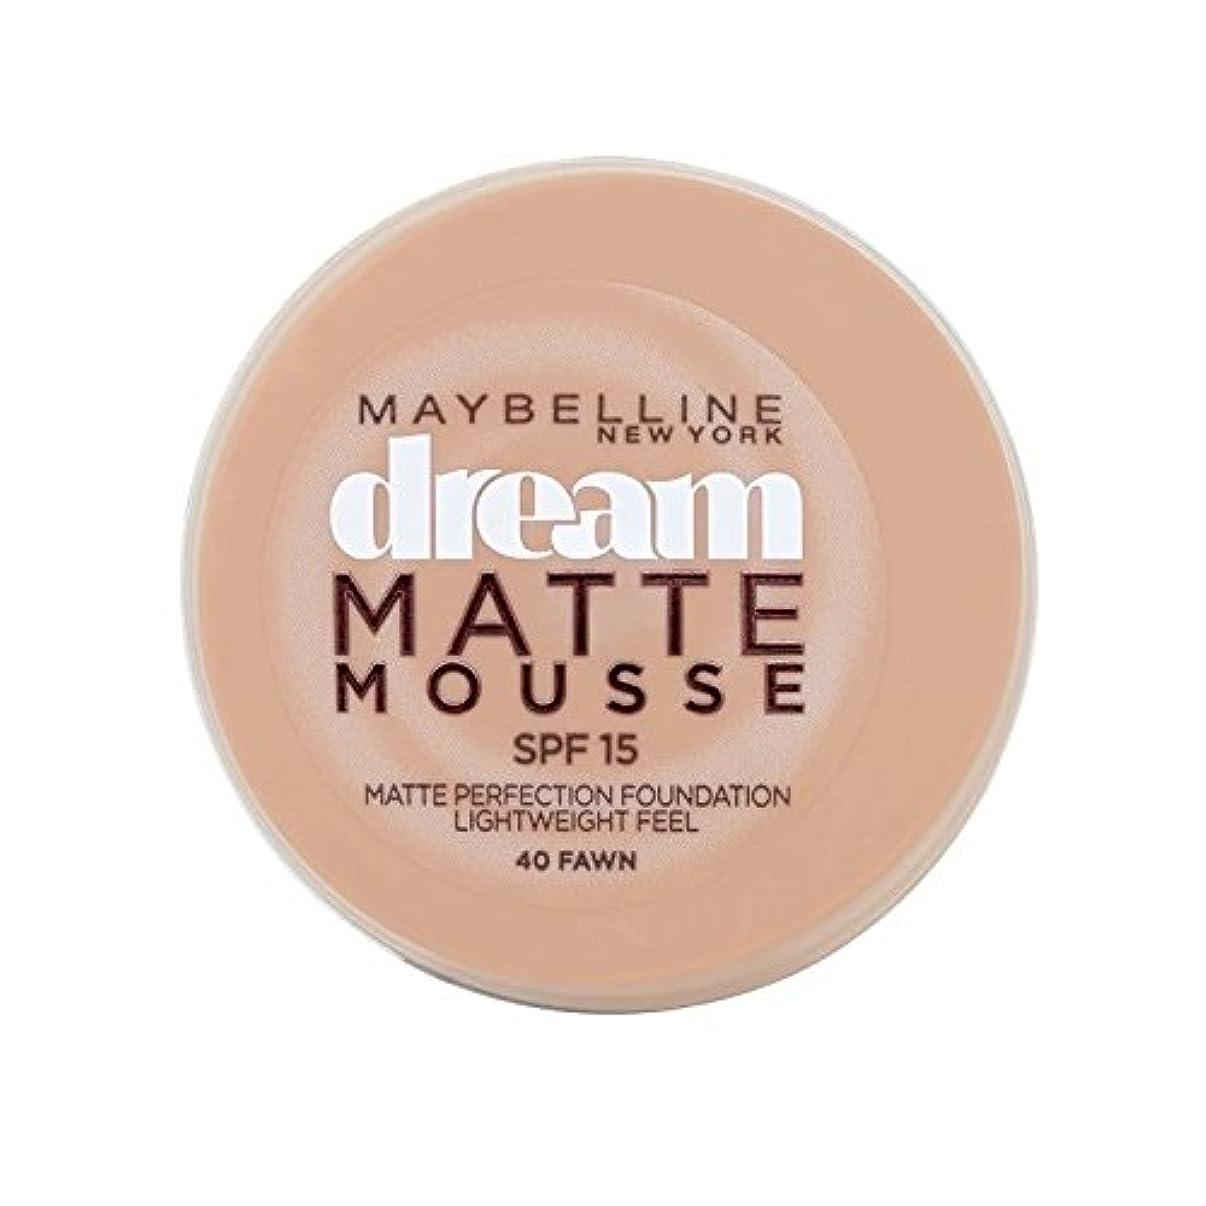 悲観的幅もしメイベリン夢のマットムース土台40子鹿の10ミリリットル x4 - Maybelline Dream Matte Mousse Foundation 40 Fawn 10ml (Pack of 4) [並行輸入品]